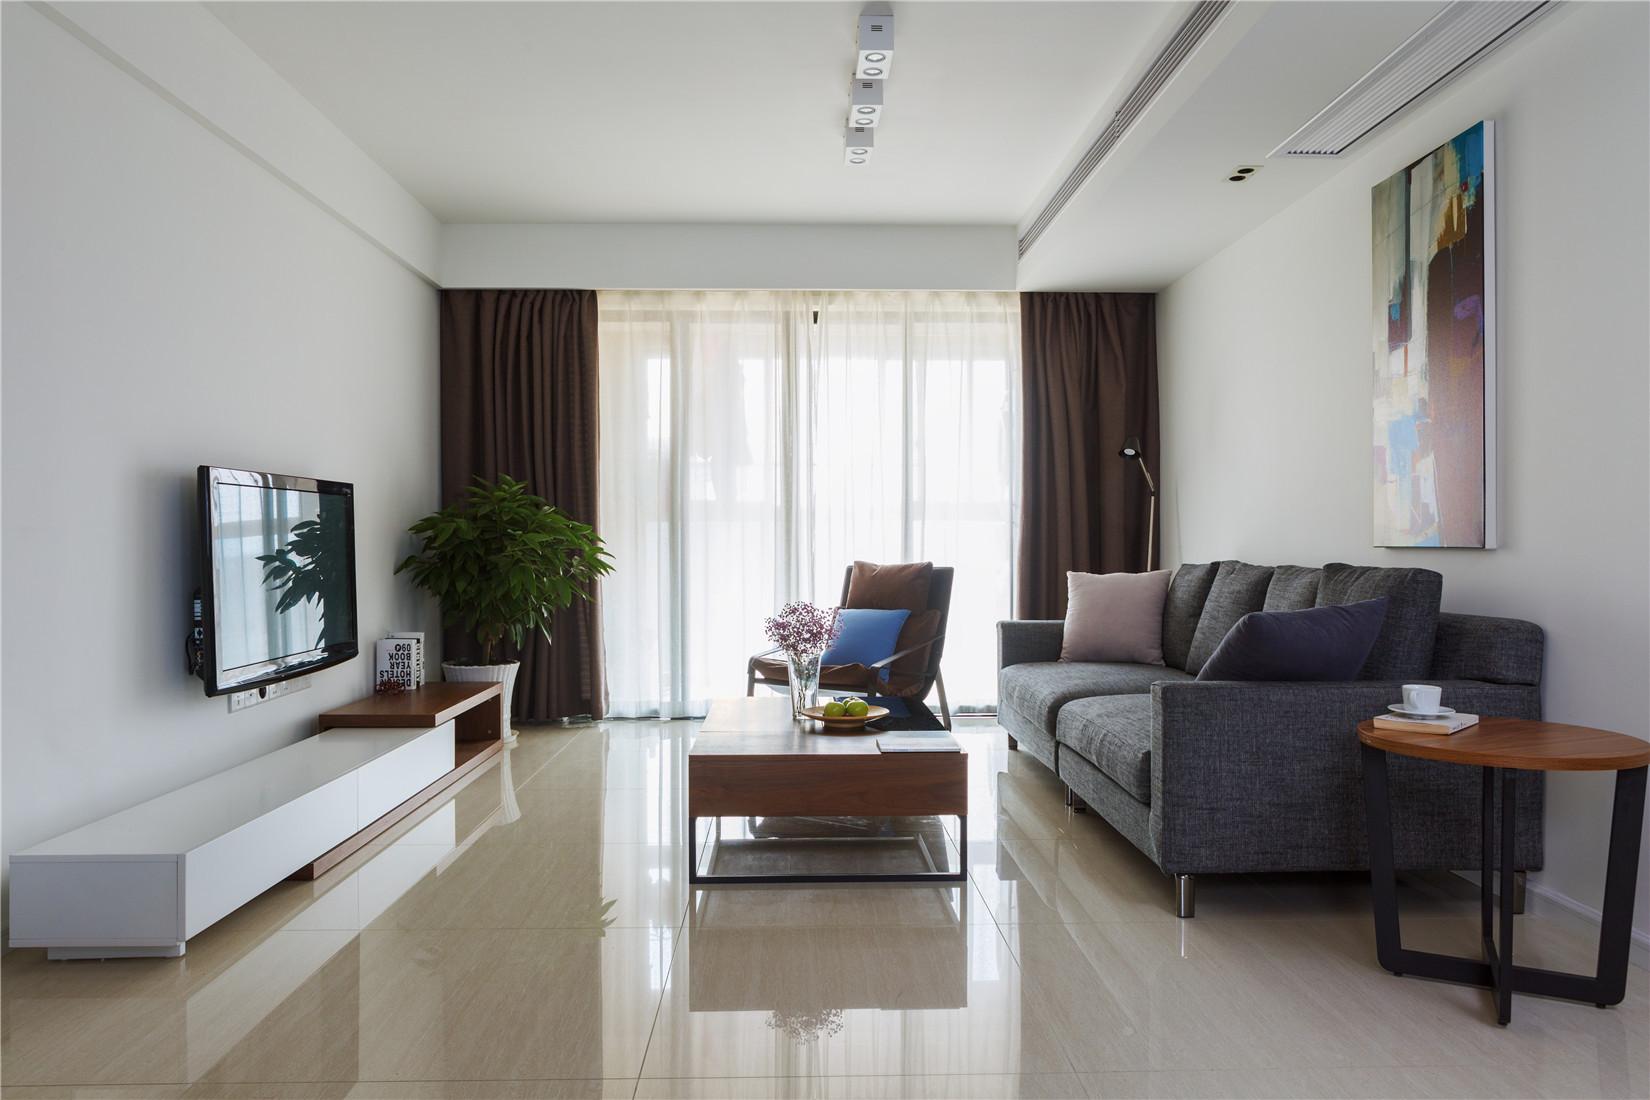 120㎡简约风格家客厅设计图